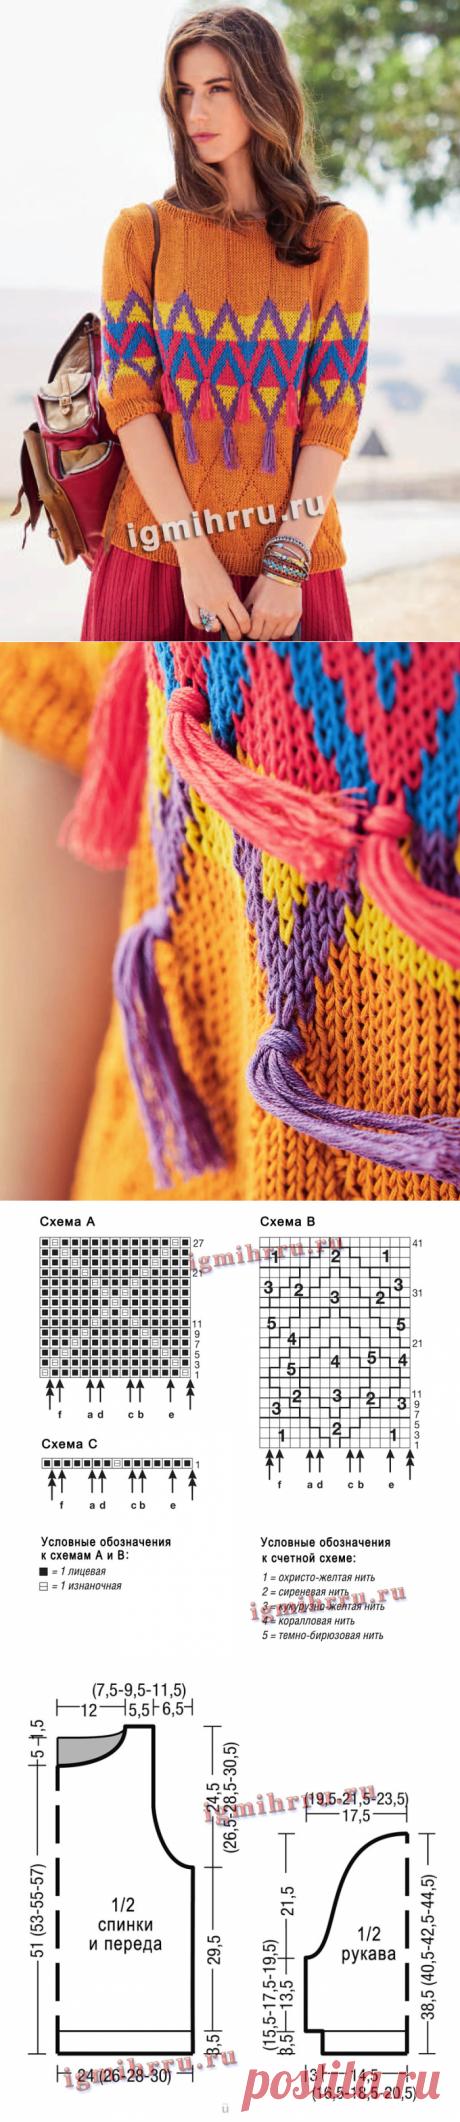 Пуловер с разноцветными жаккардовыми ромбами. Вязание спицами со схемами и описанием